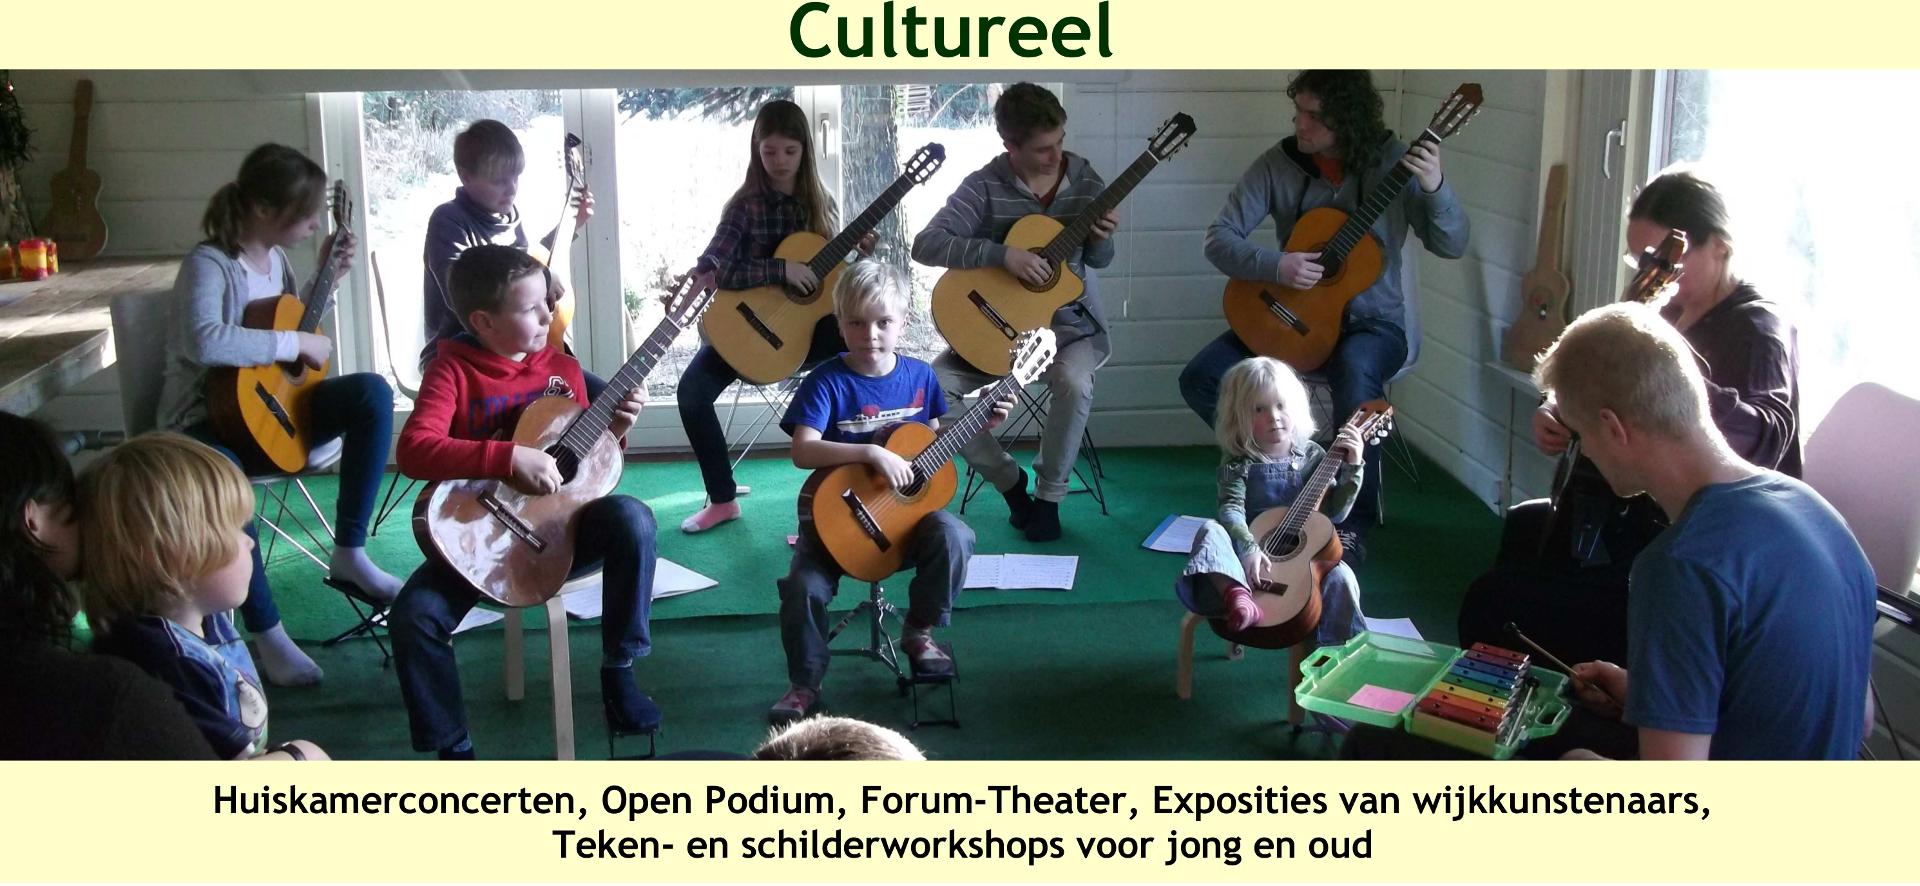 Cultureel